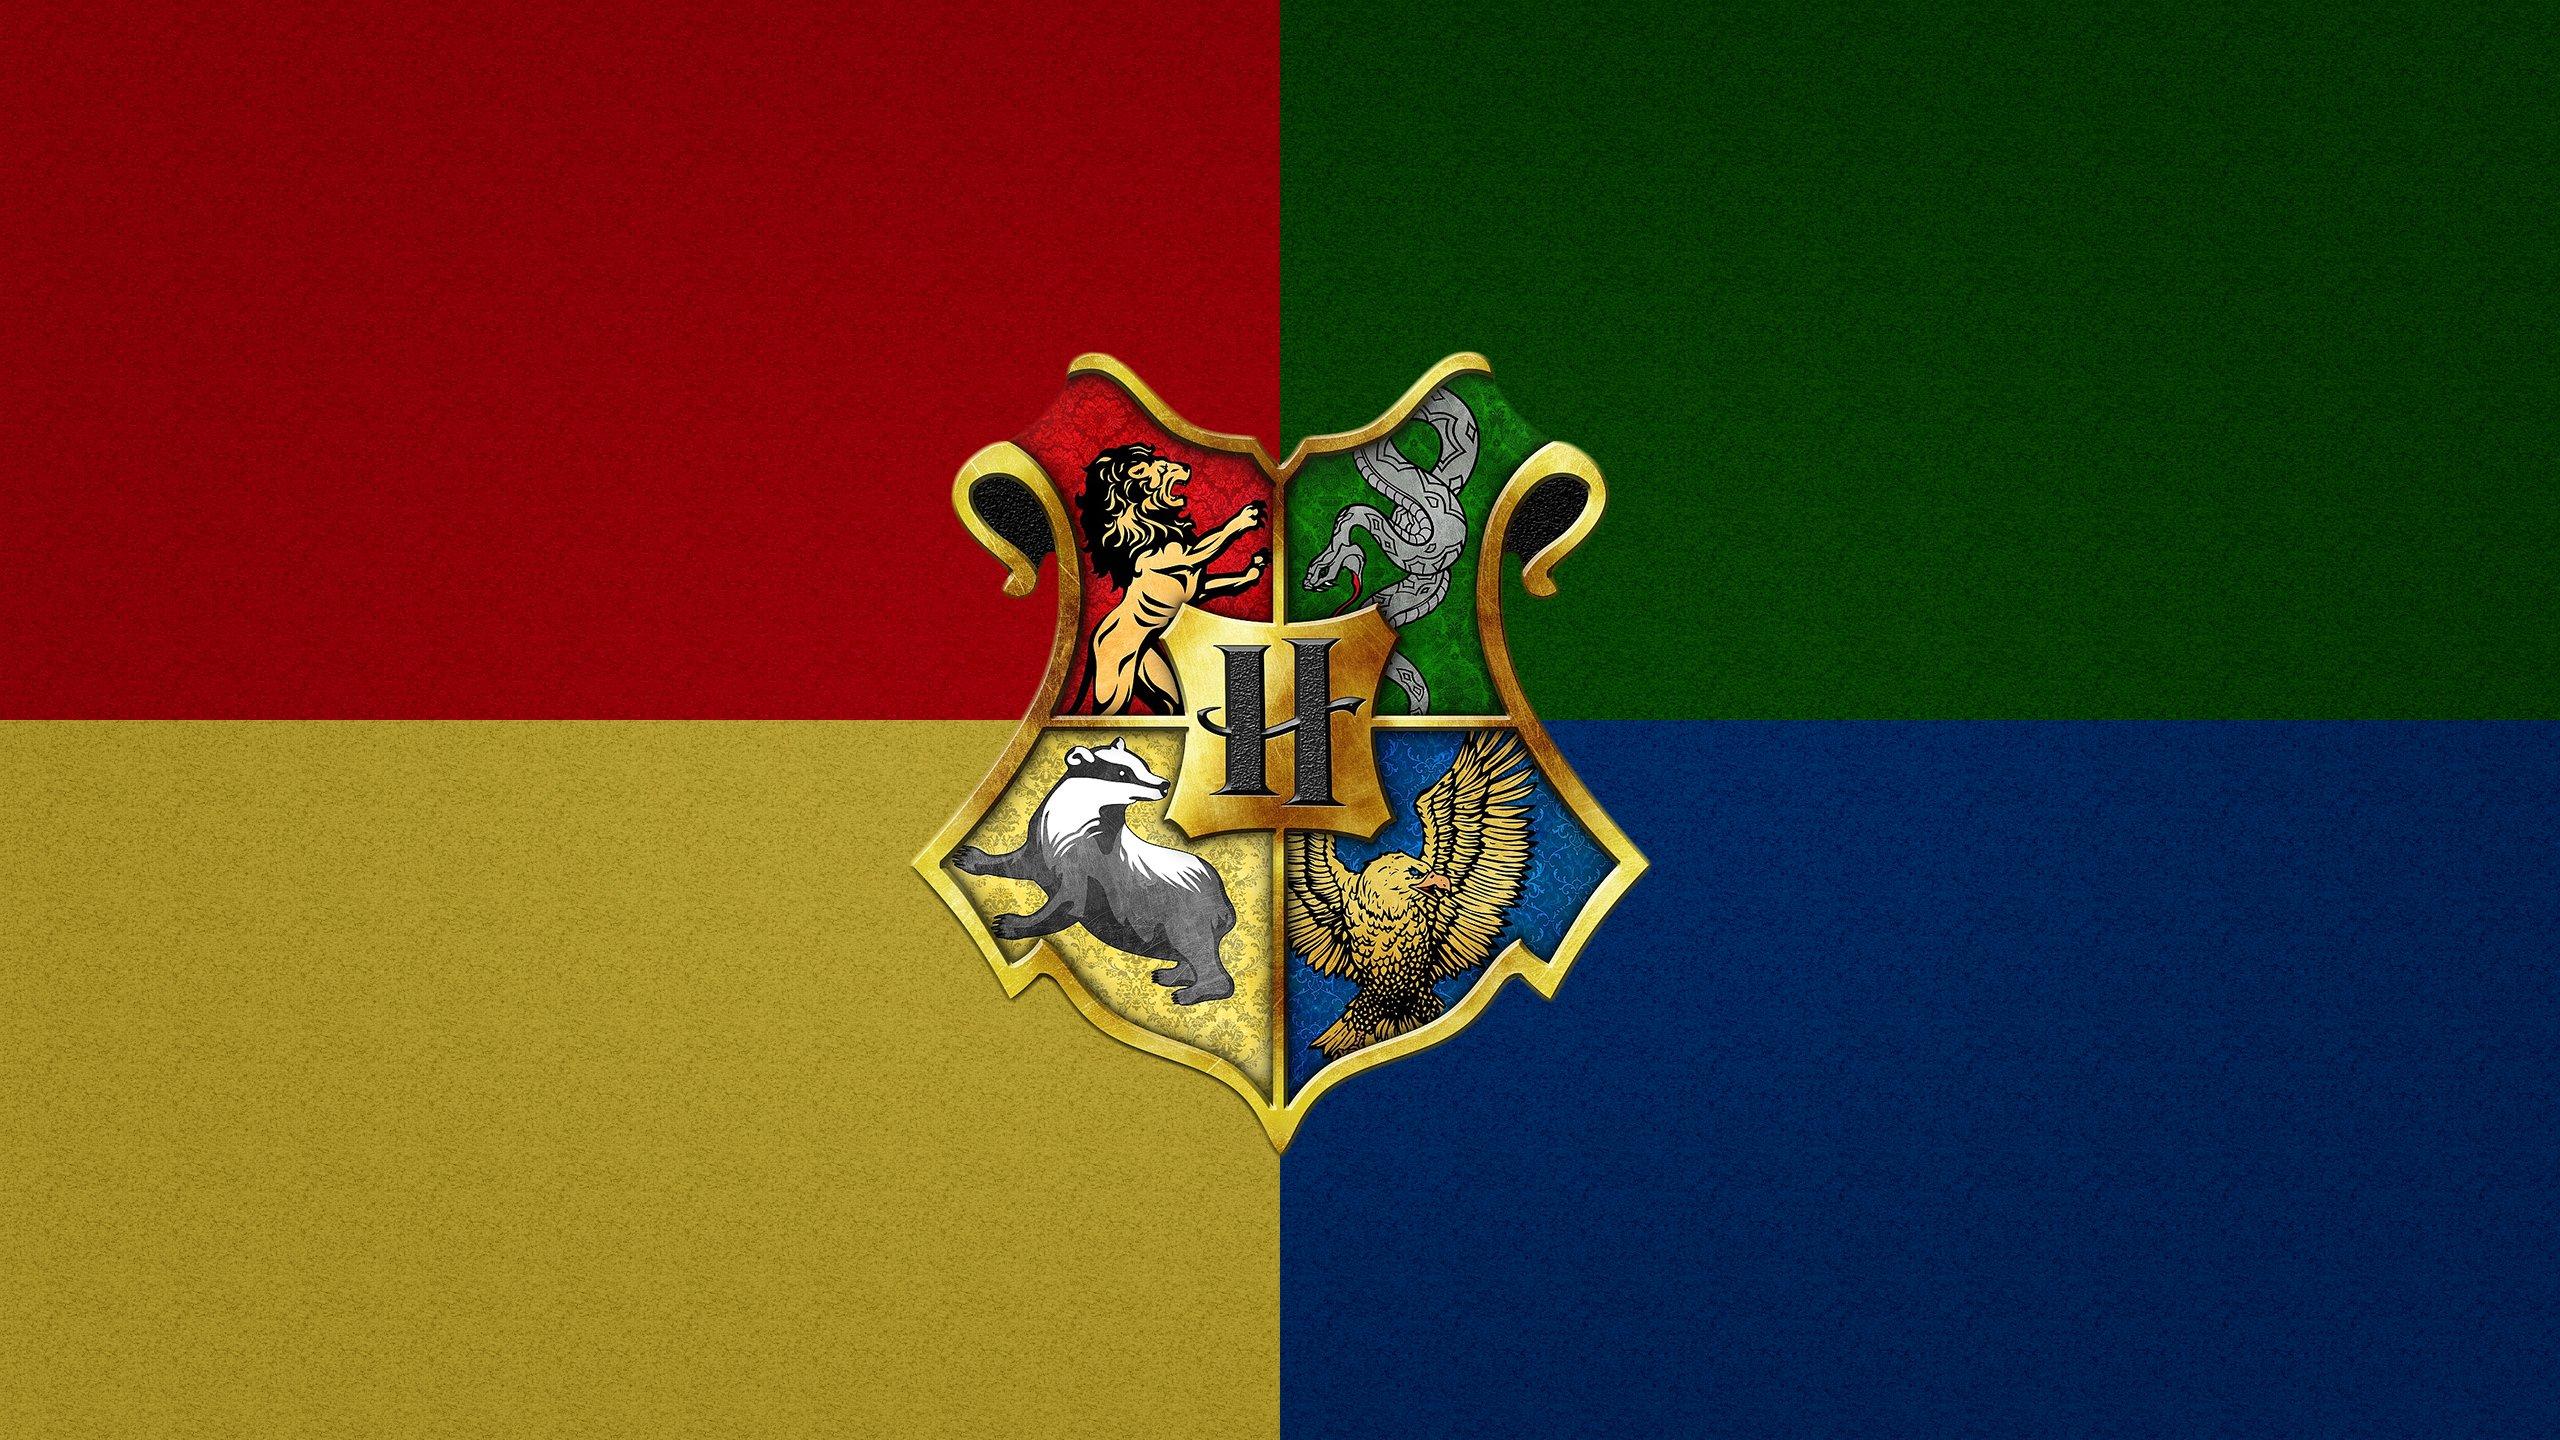 Harry Potter Badges: Gryffindor